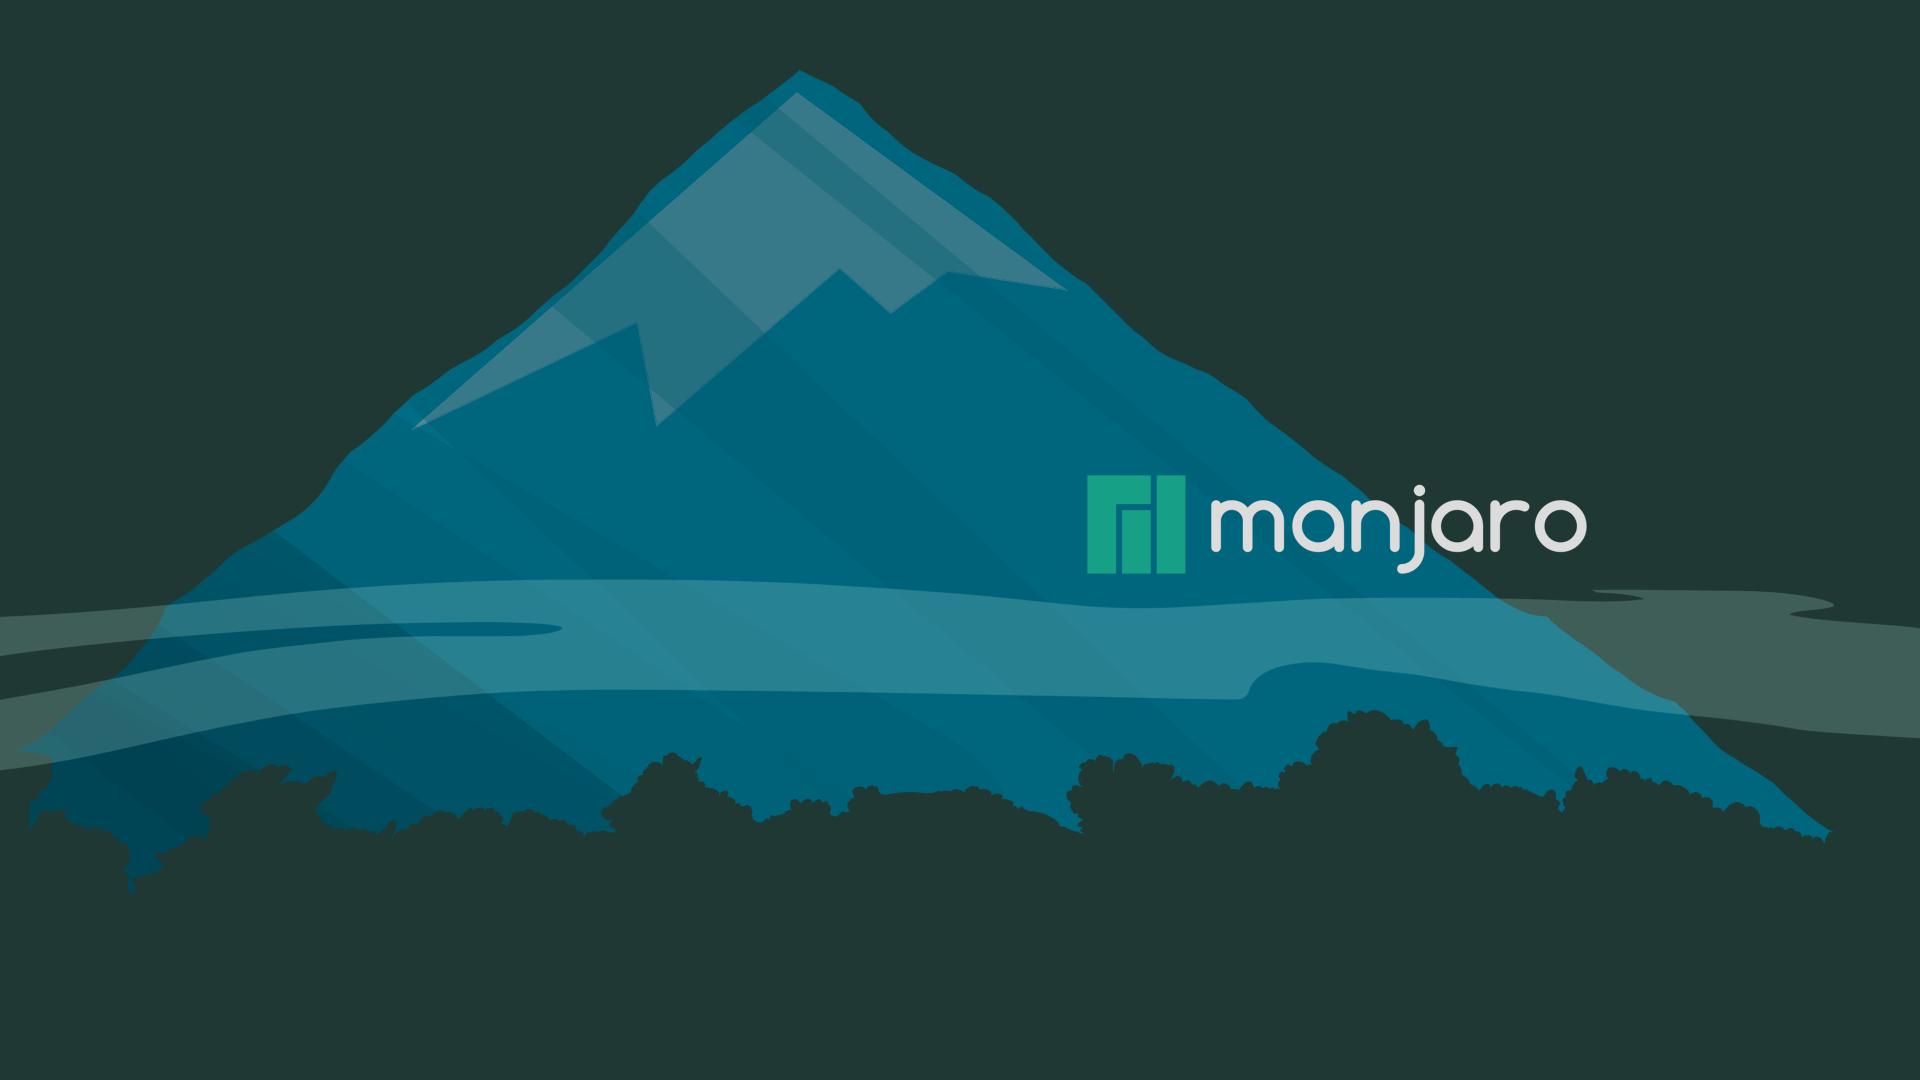 Manjaro Linux Wallpaper Screenshot